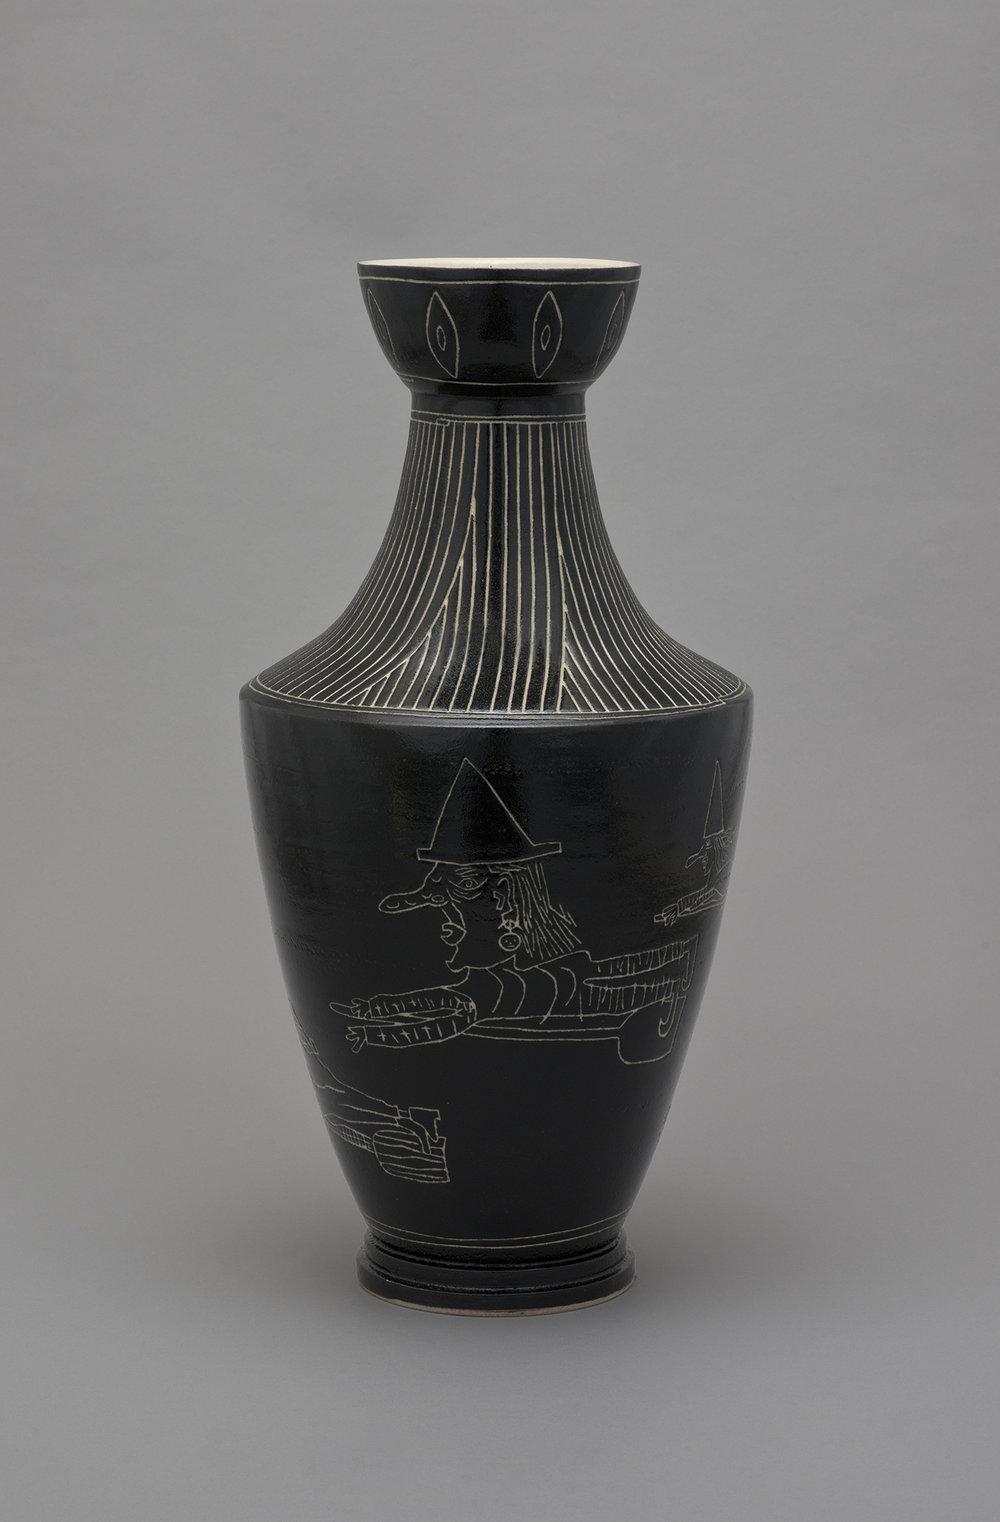 Shio Kusaka Untitled (witch 4) 2015 Stoneware 27 x 13.5 x 13.5 in (68.58h x 34.29w x 34.29d cm) SK437